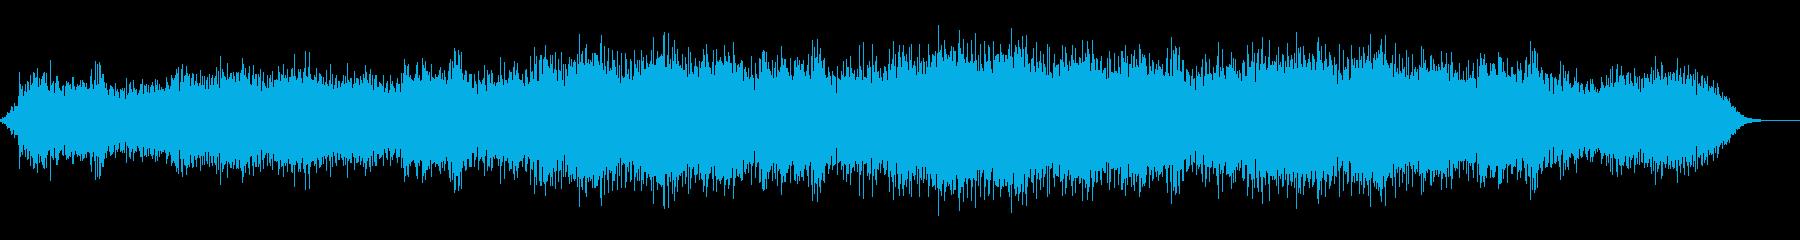 宇宙の果てと交信してる様な神秘的な音風景の再生済みの波形